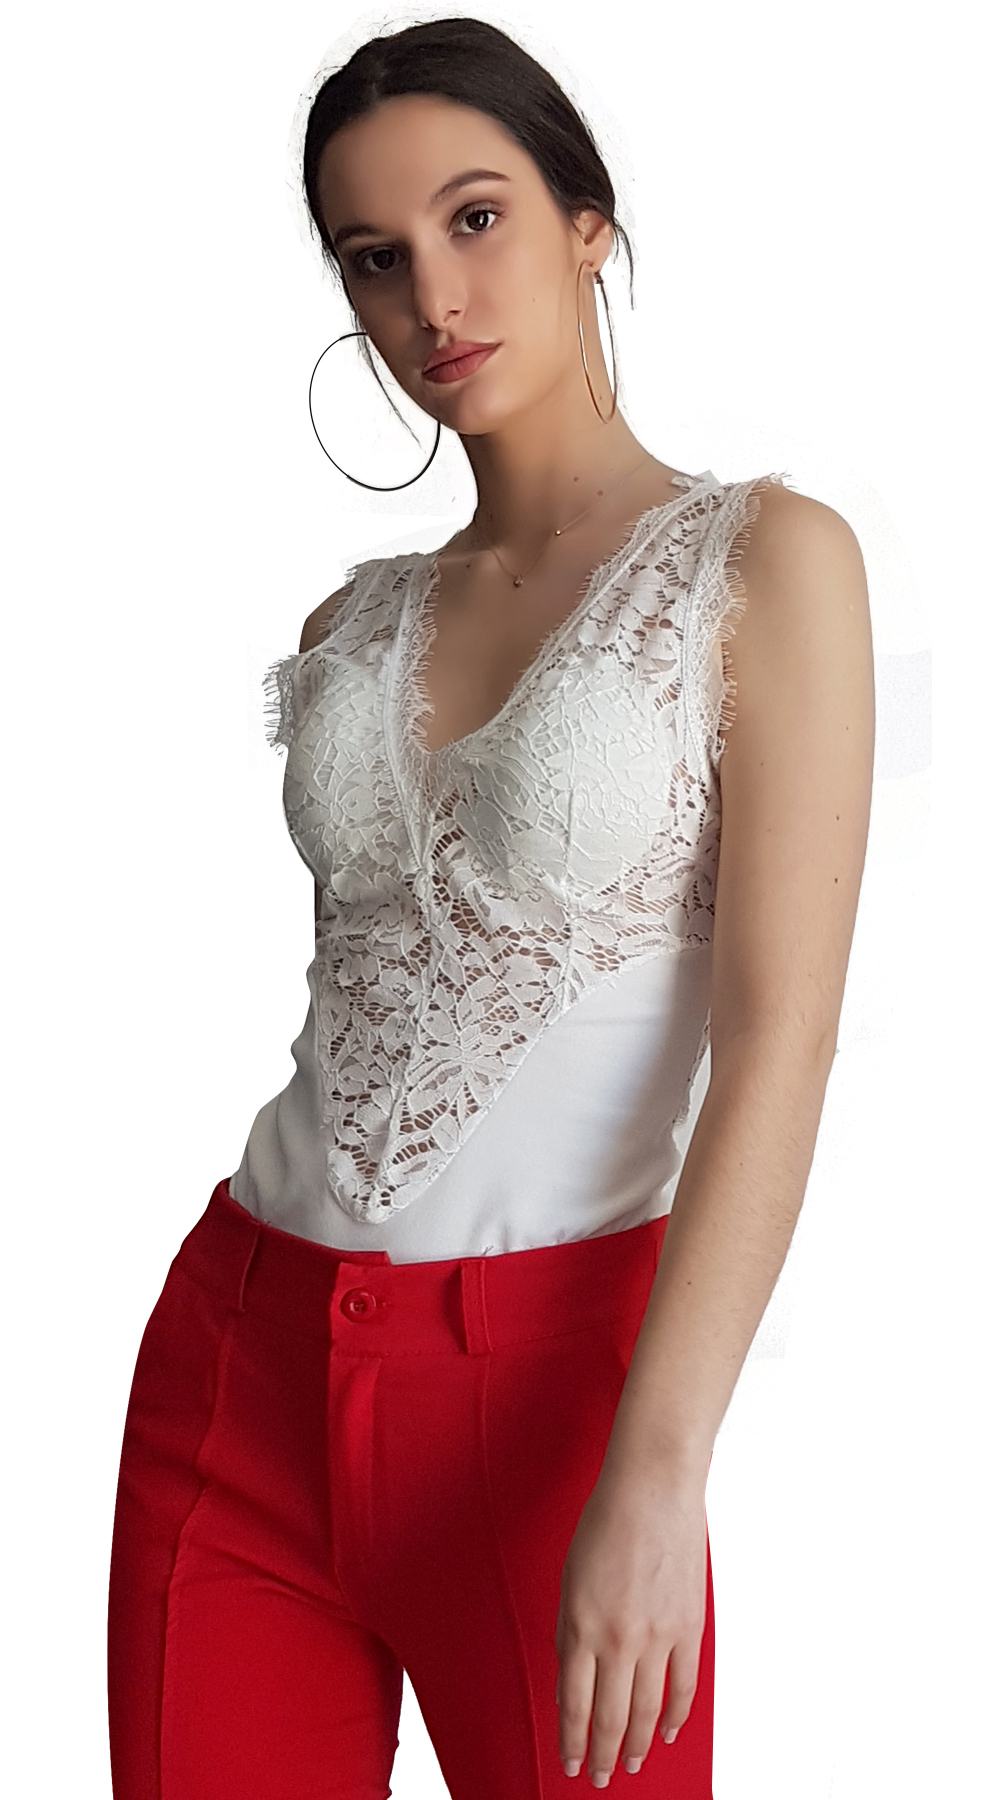 Γυναικείο αμάνικο κορμάκι με λεπτομέρεια από δαντέλα - OEM - SP18SOF-100134 top trends δαντέλα